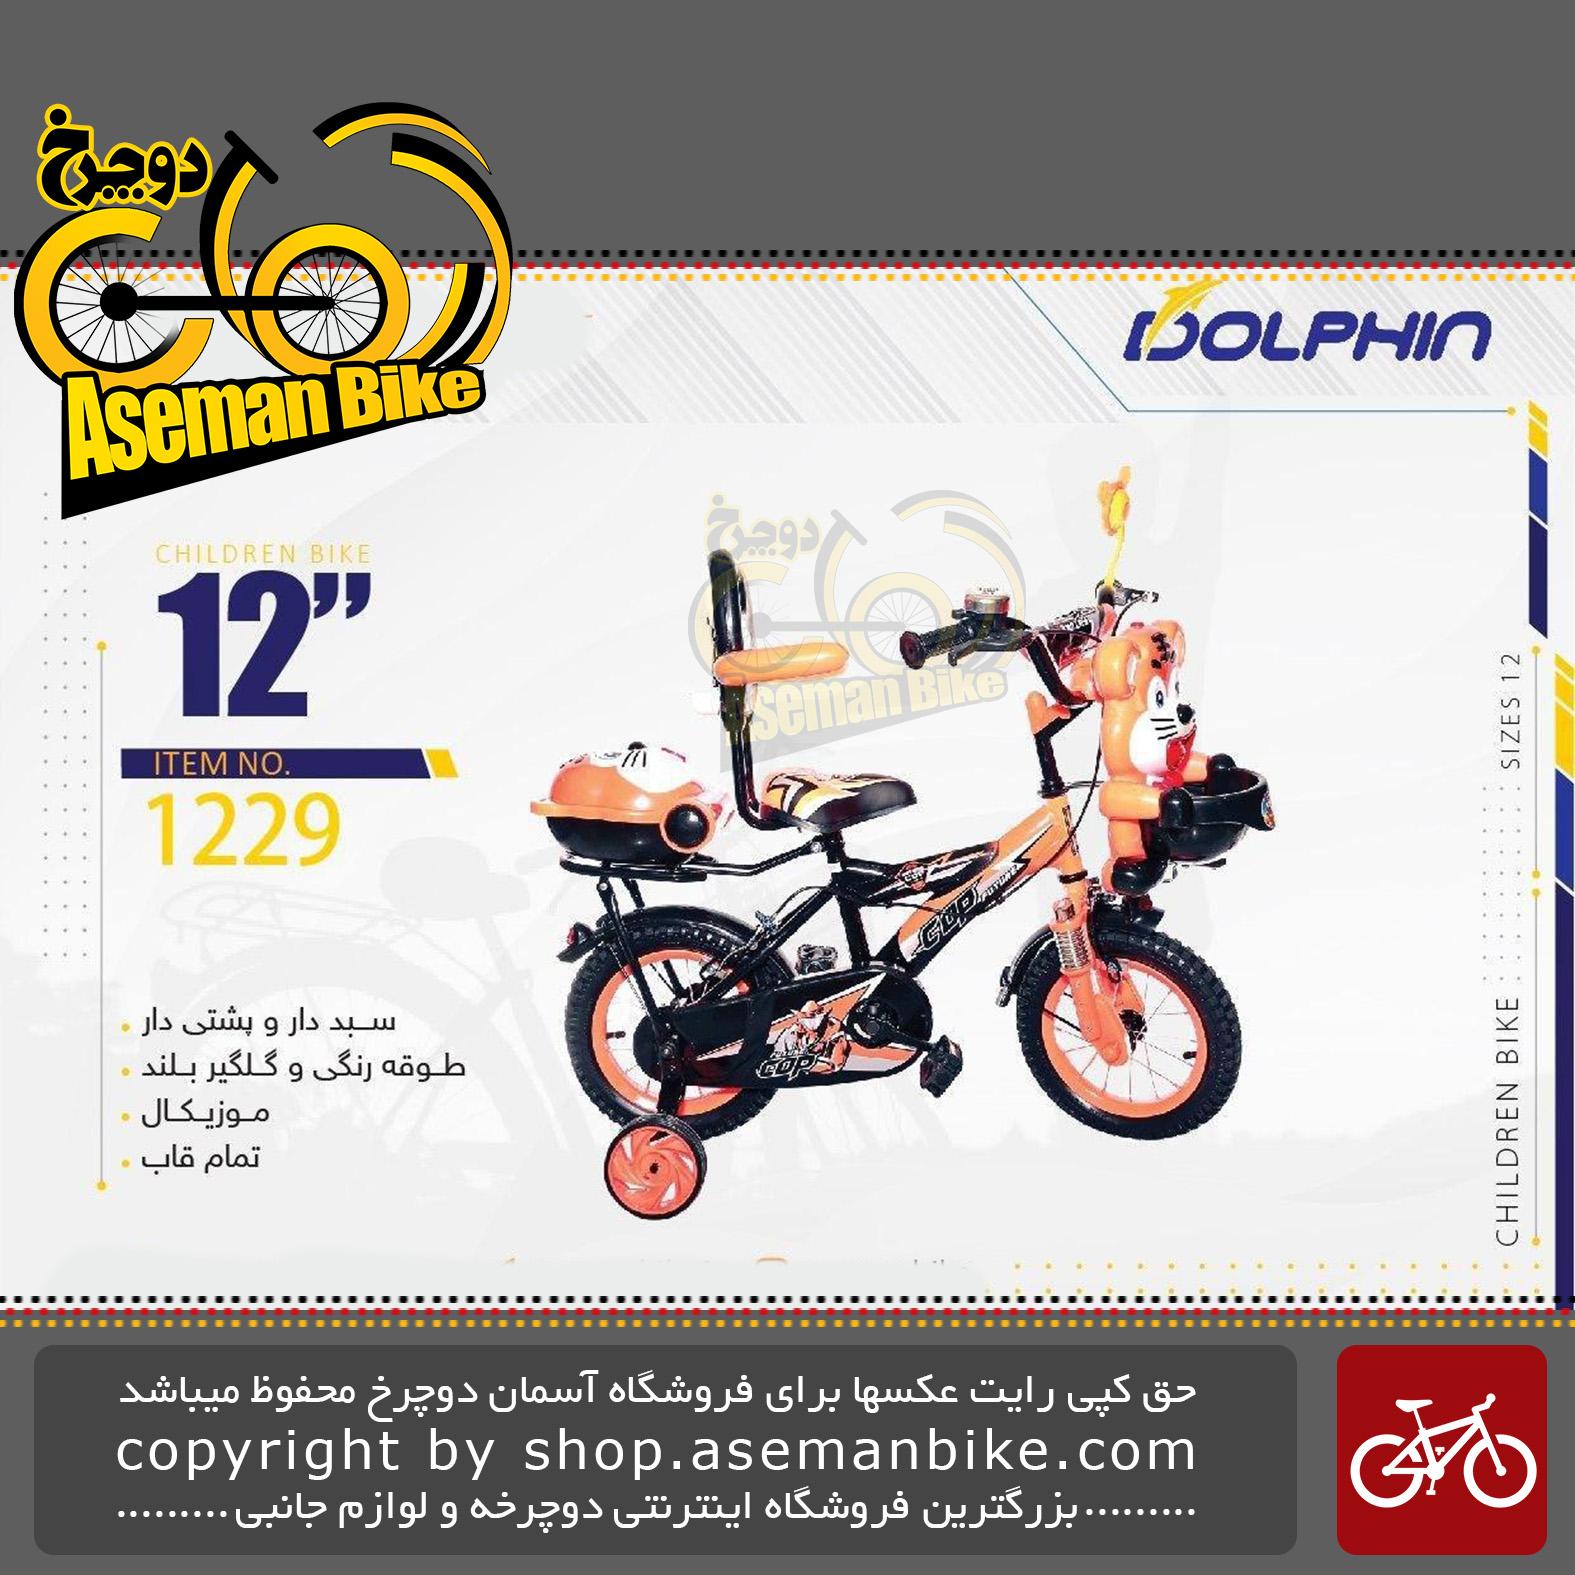 دوچرخه بچگانه دلفین سایز 12 موزیکال پشتی دار صندوق دار سبد دار مدل 1229 DOLPHIN Bicycle Kids Size 12 Model 1229